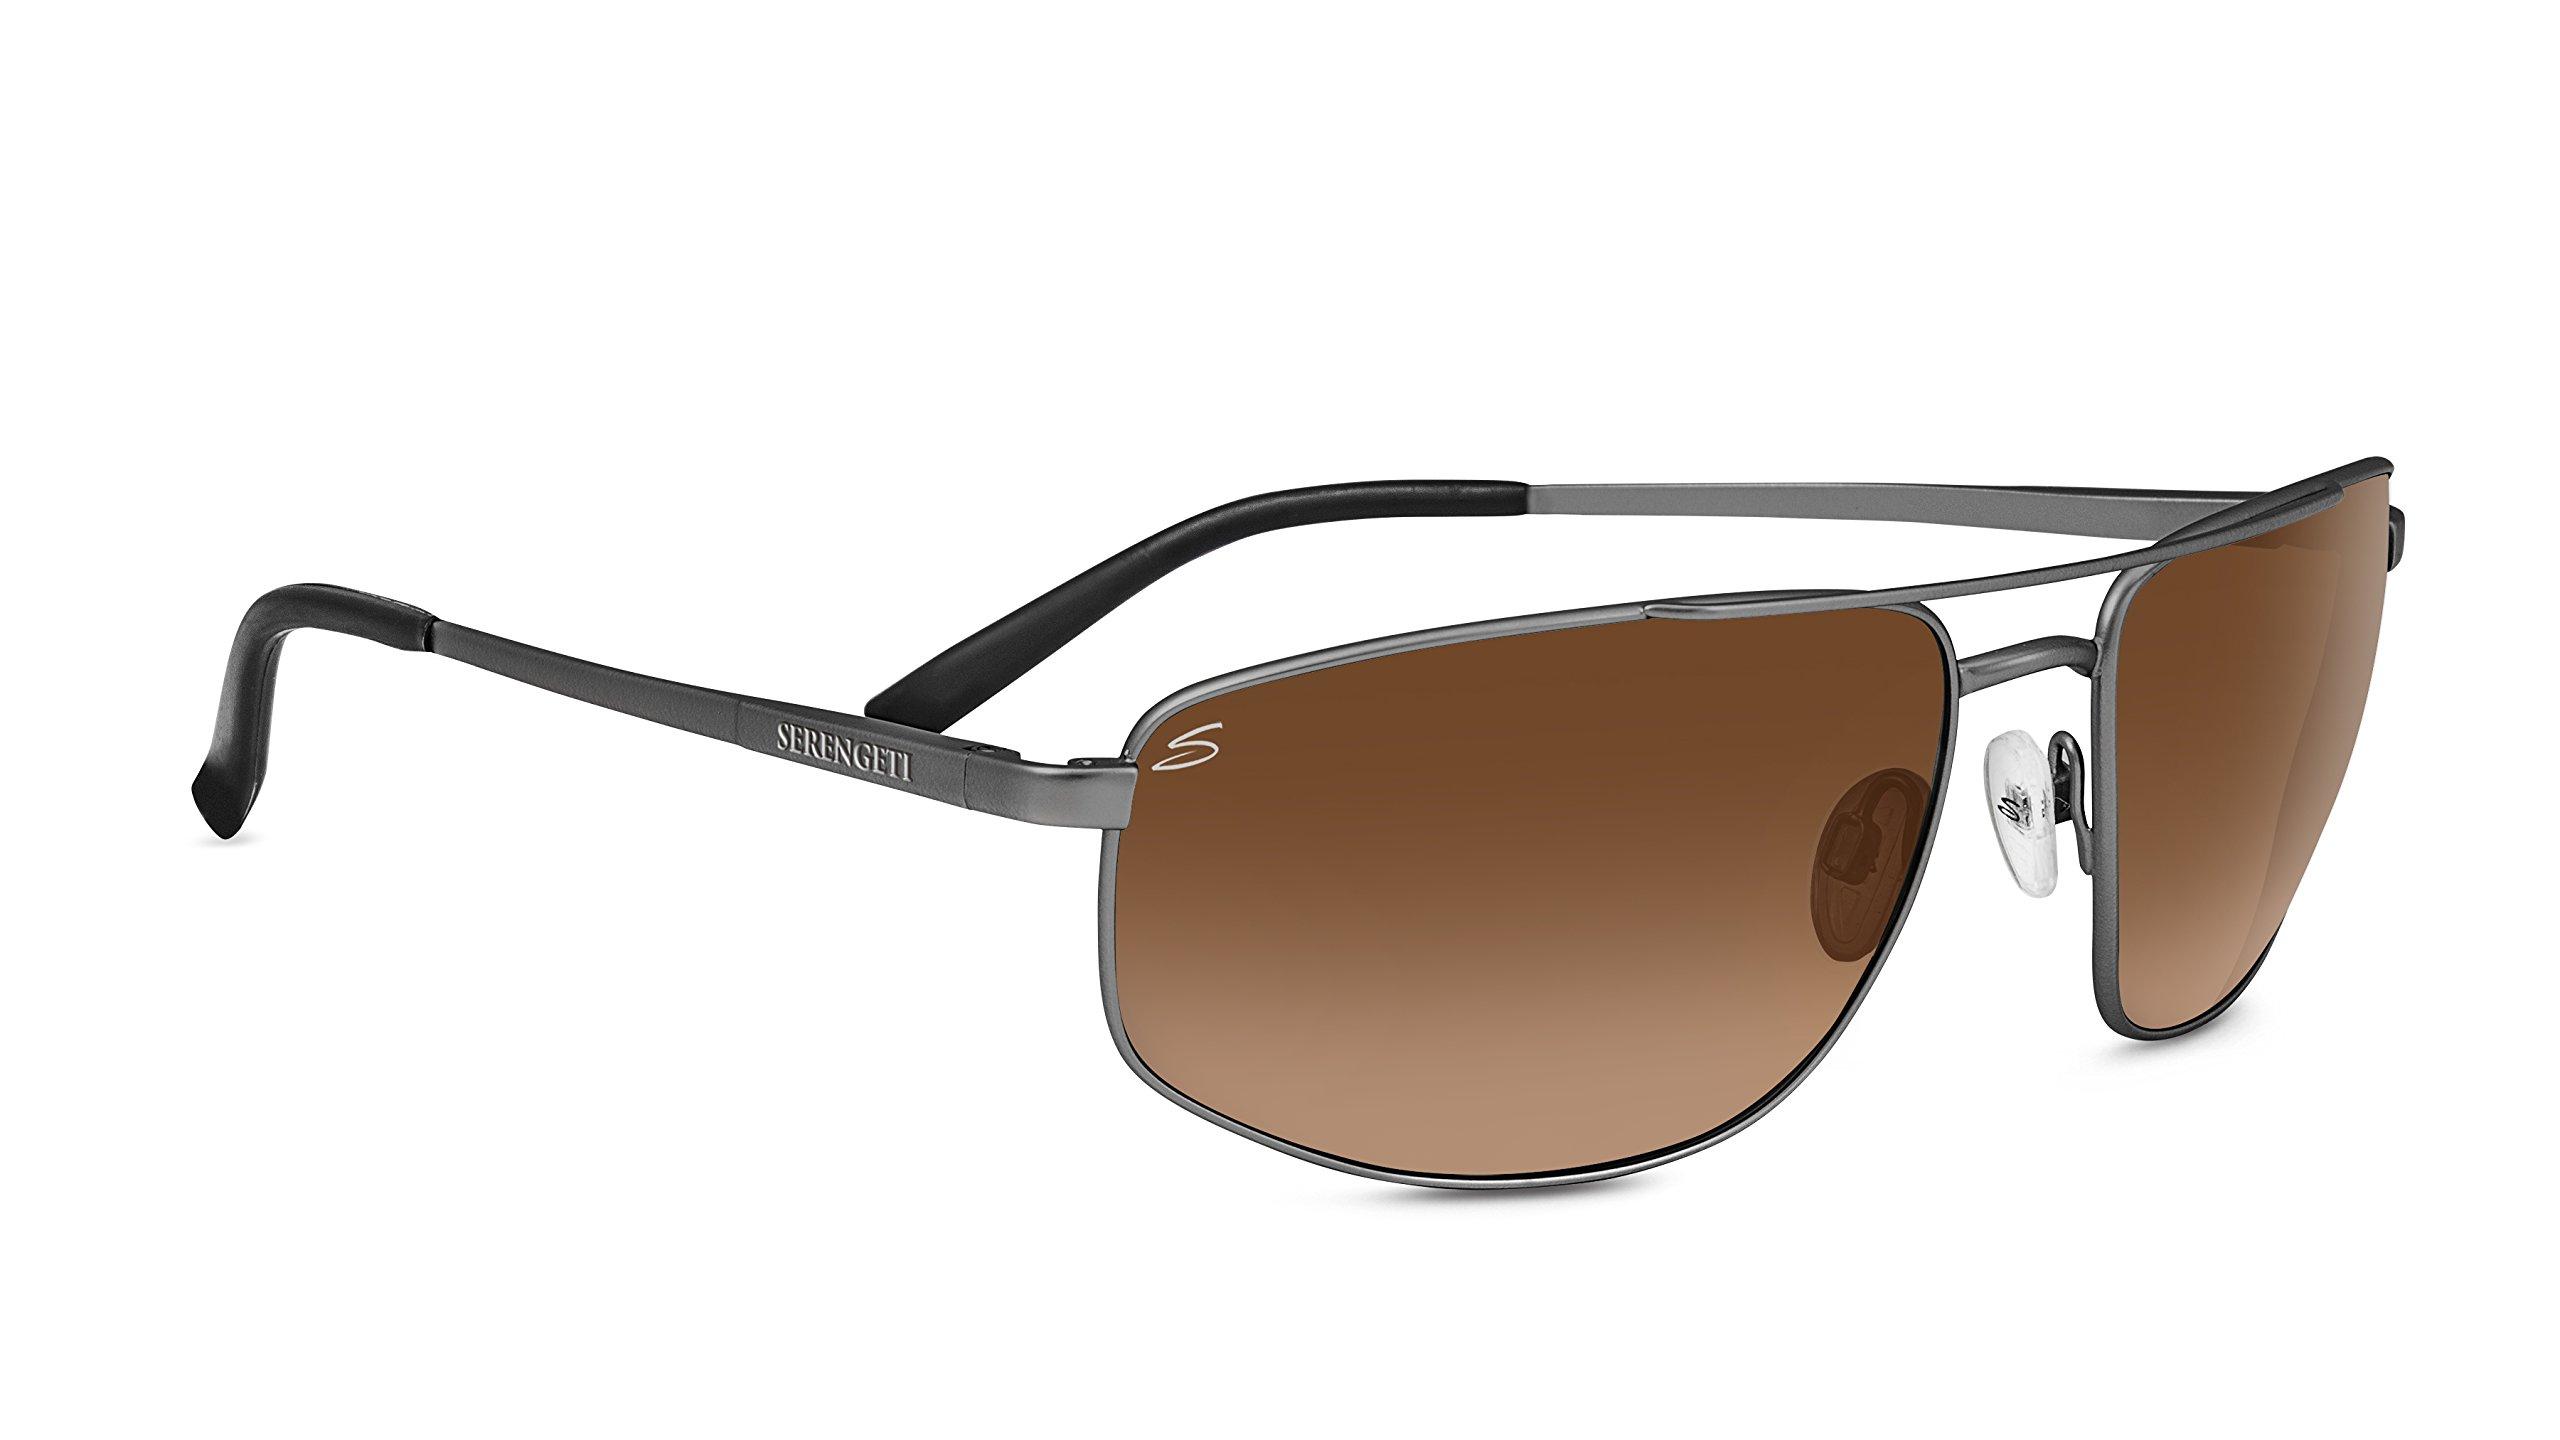 Serengeti Modugno Driver Gradient Sunglasses, Shiny Dark Gunmetal by Serengeti